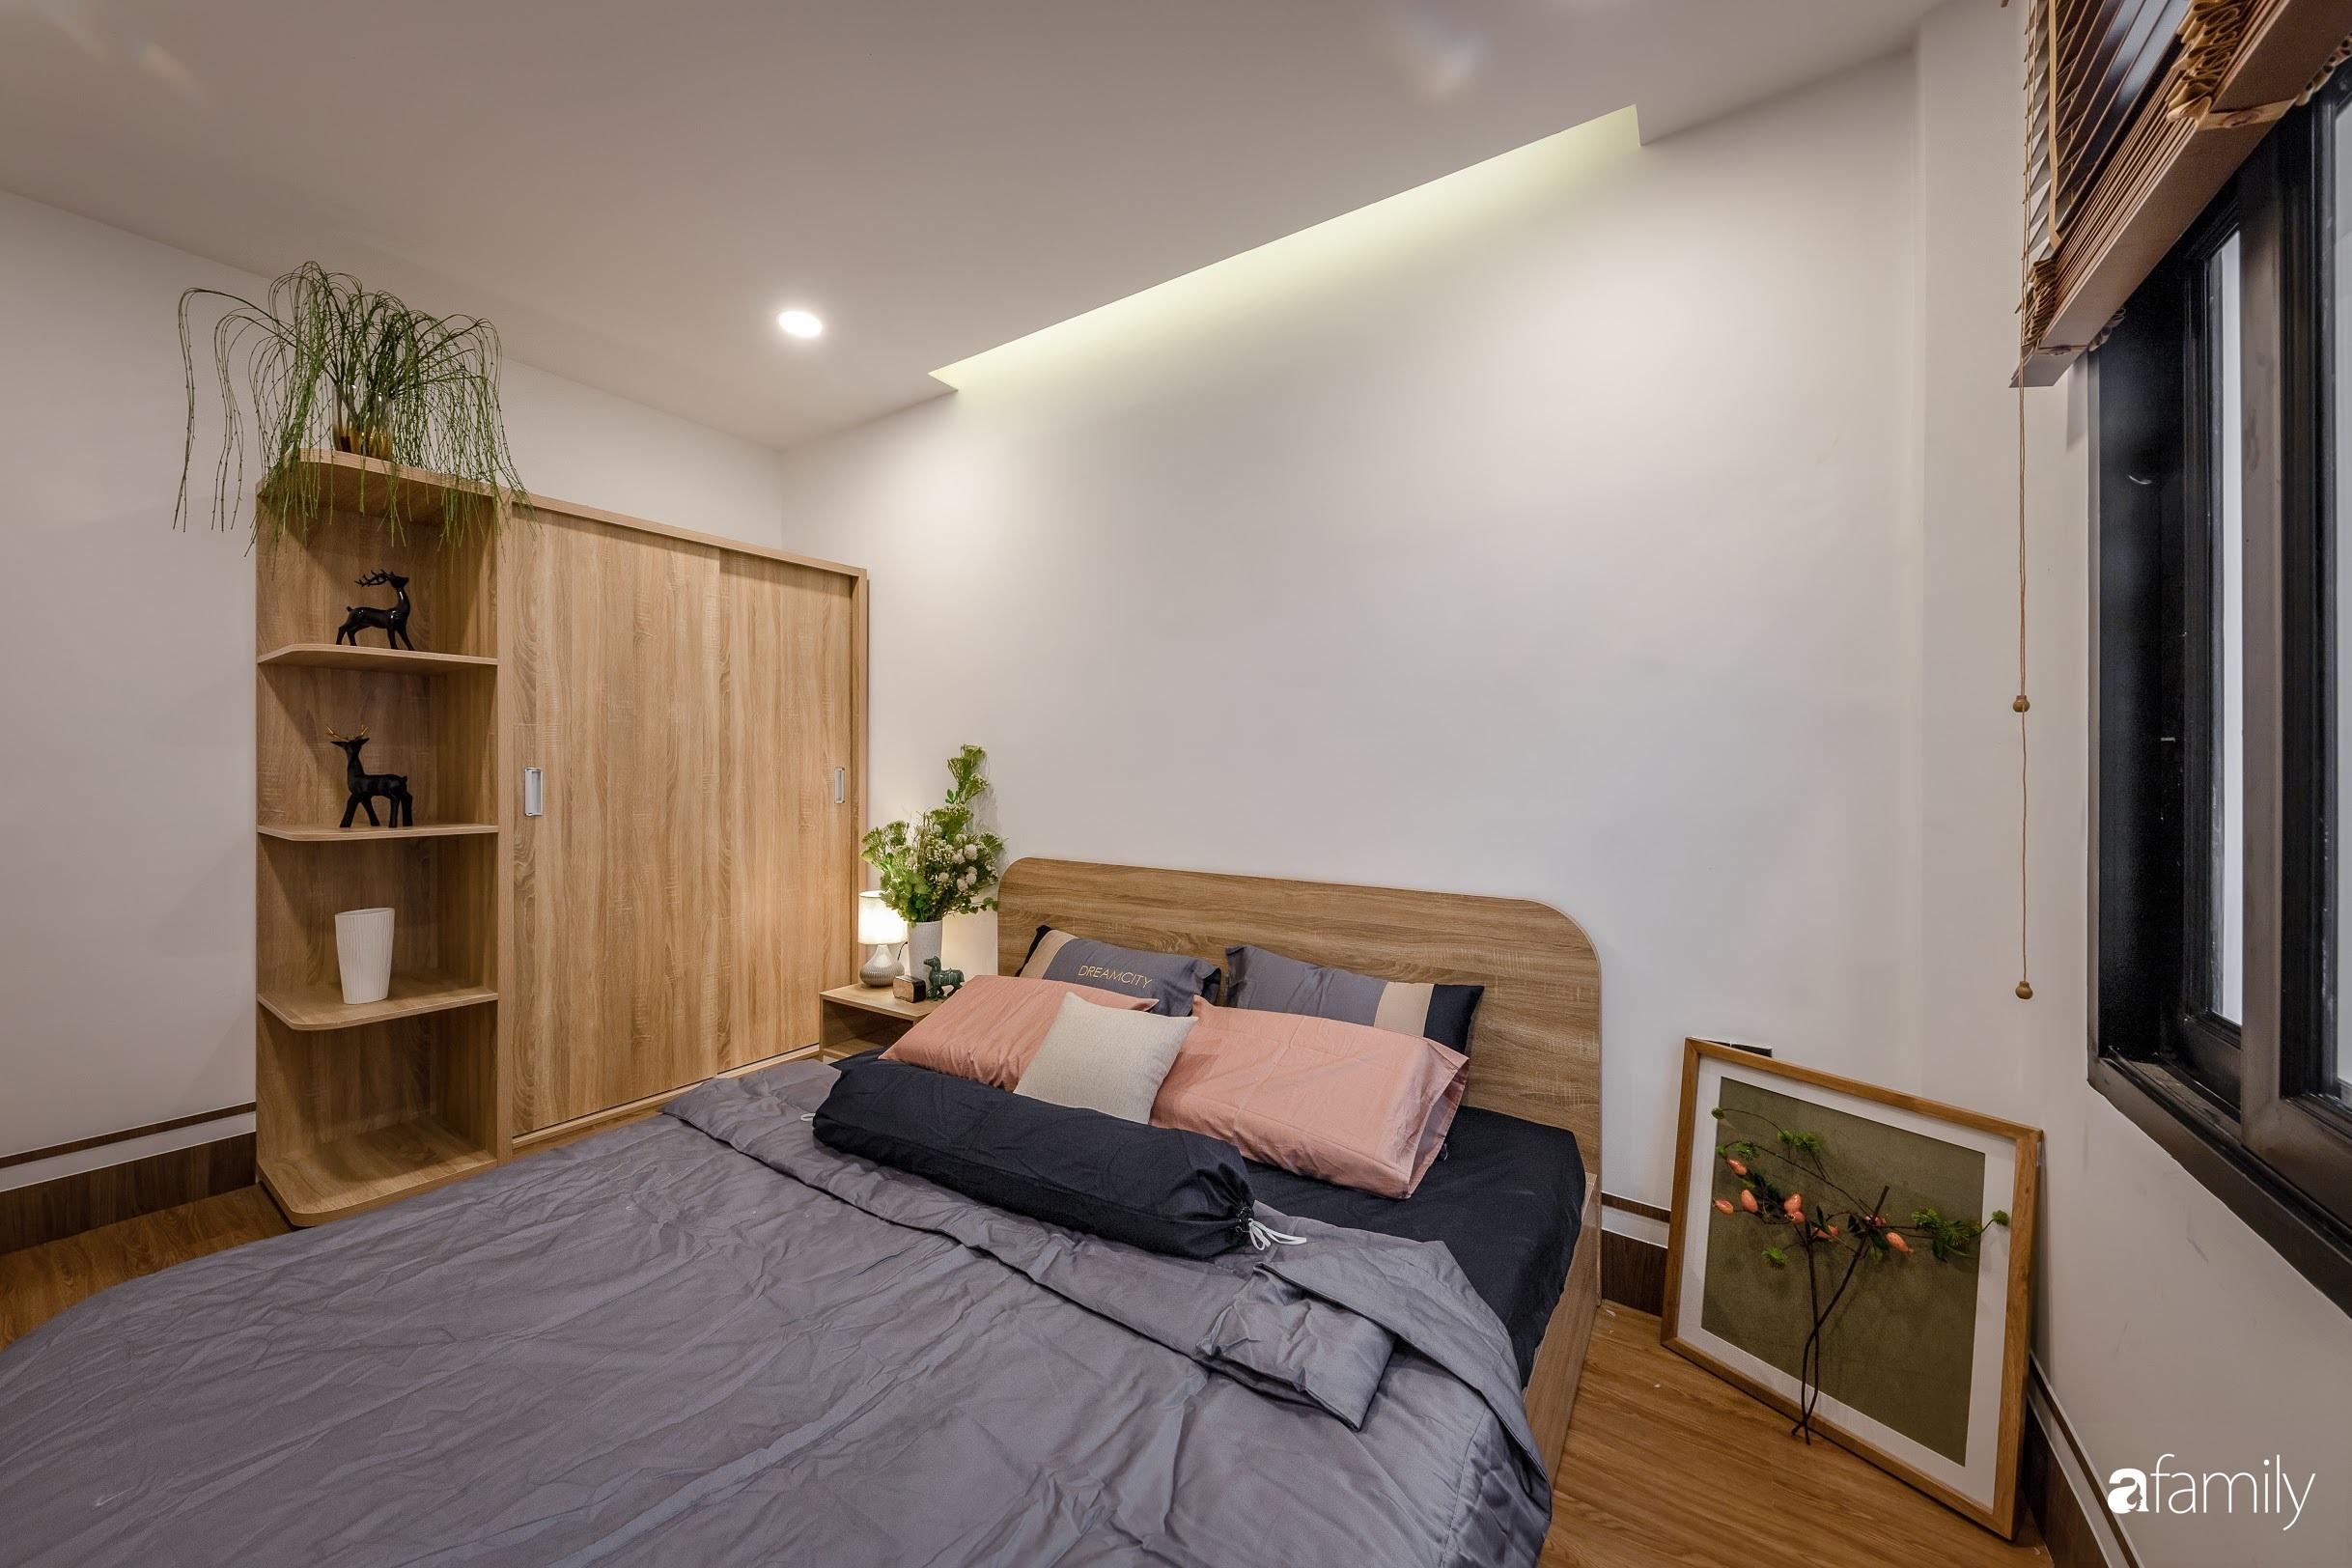 Nhà phố Tiền Giang đẹp hài hòa với thiết kế hiện đại, bố trí nội thất thông minh với chi phí 1,8 tỉ đồng - Ảnh 6.